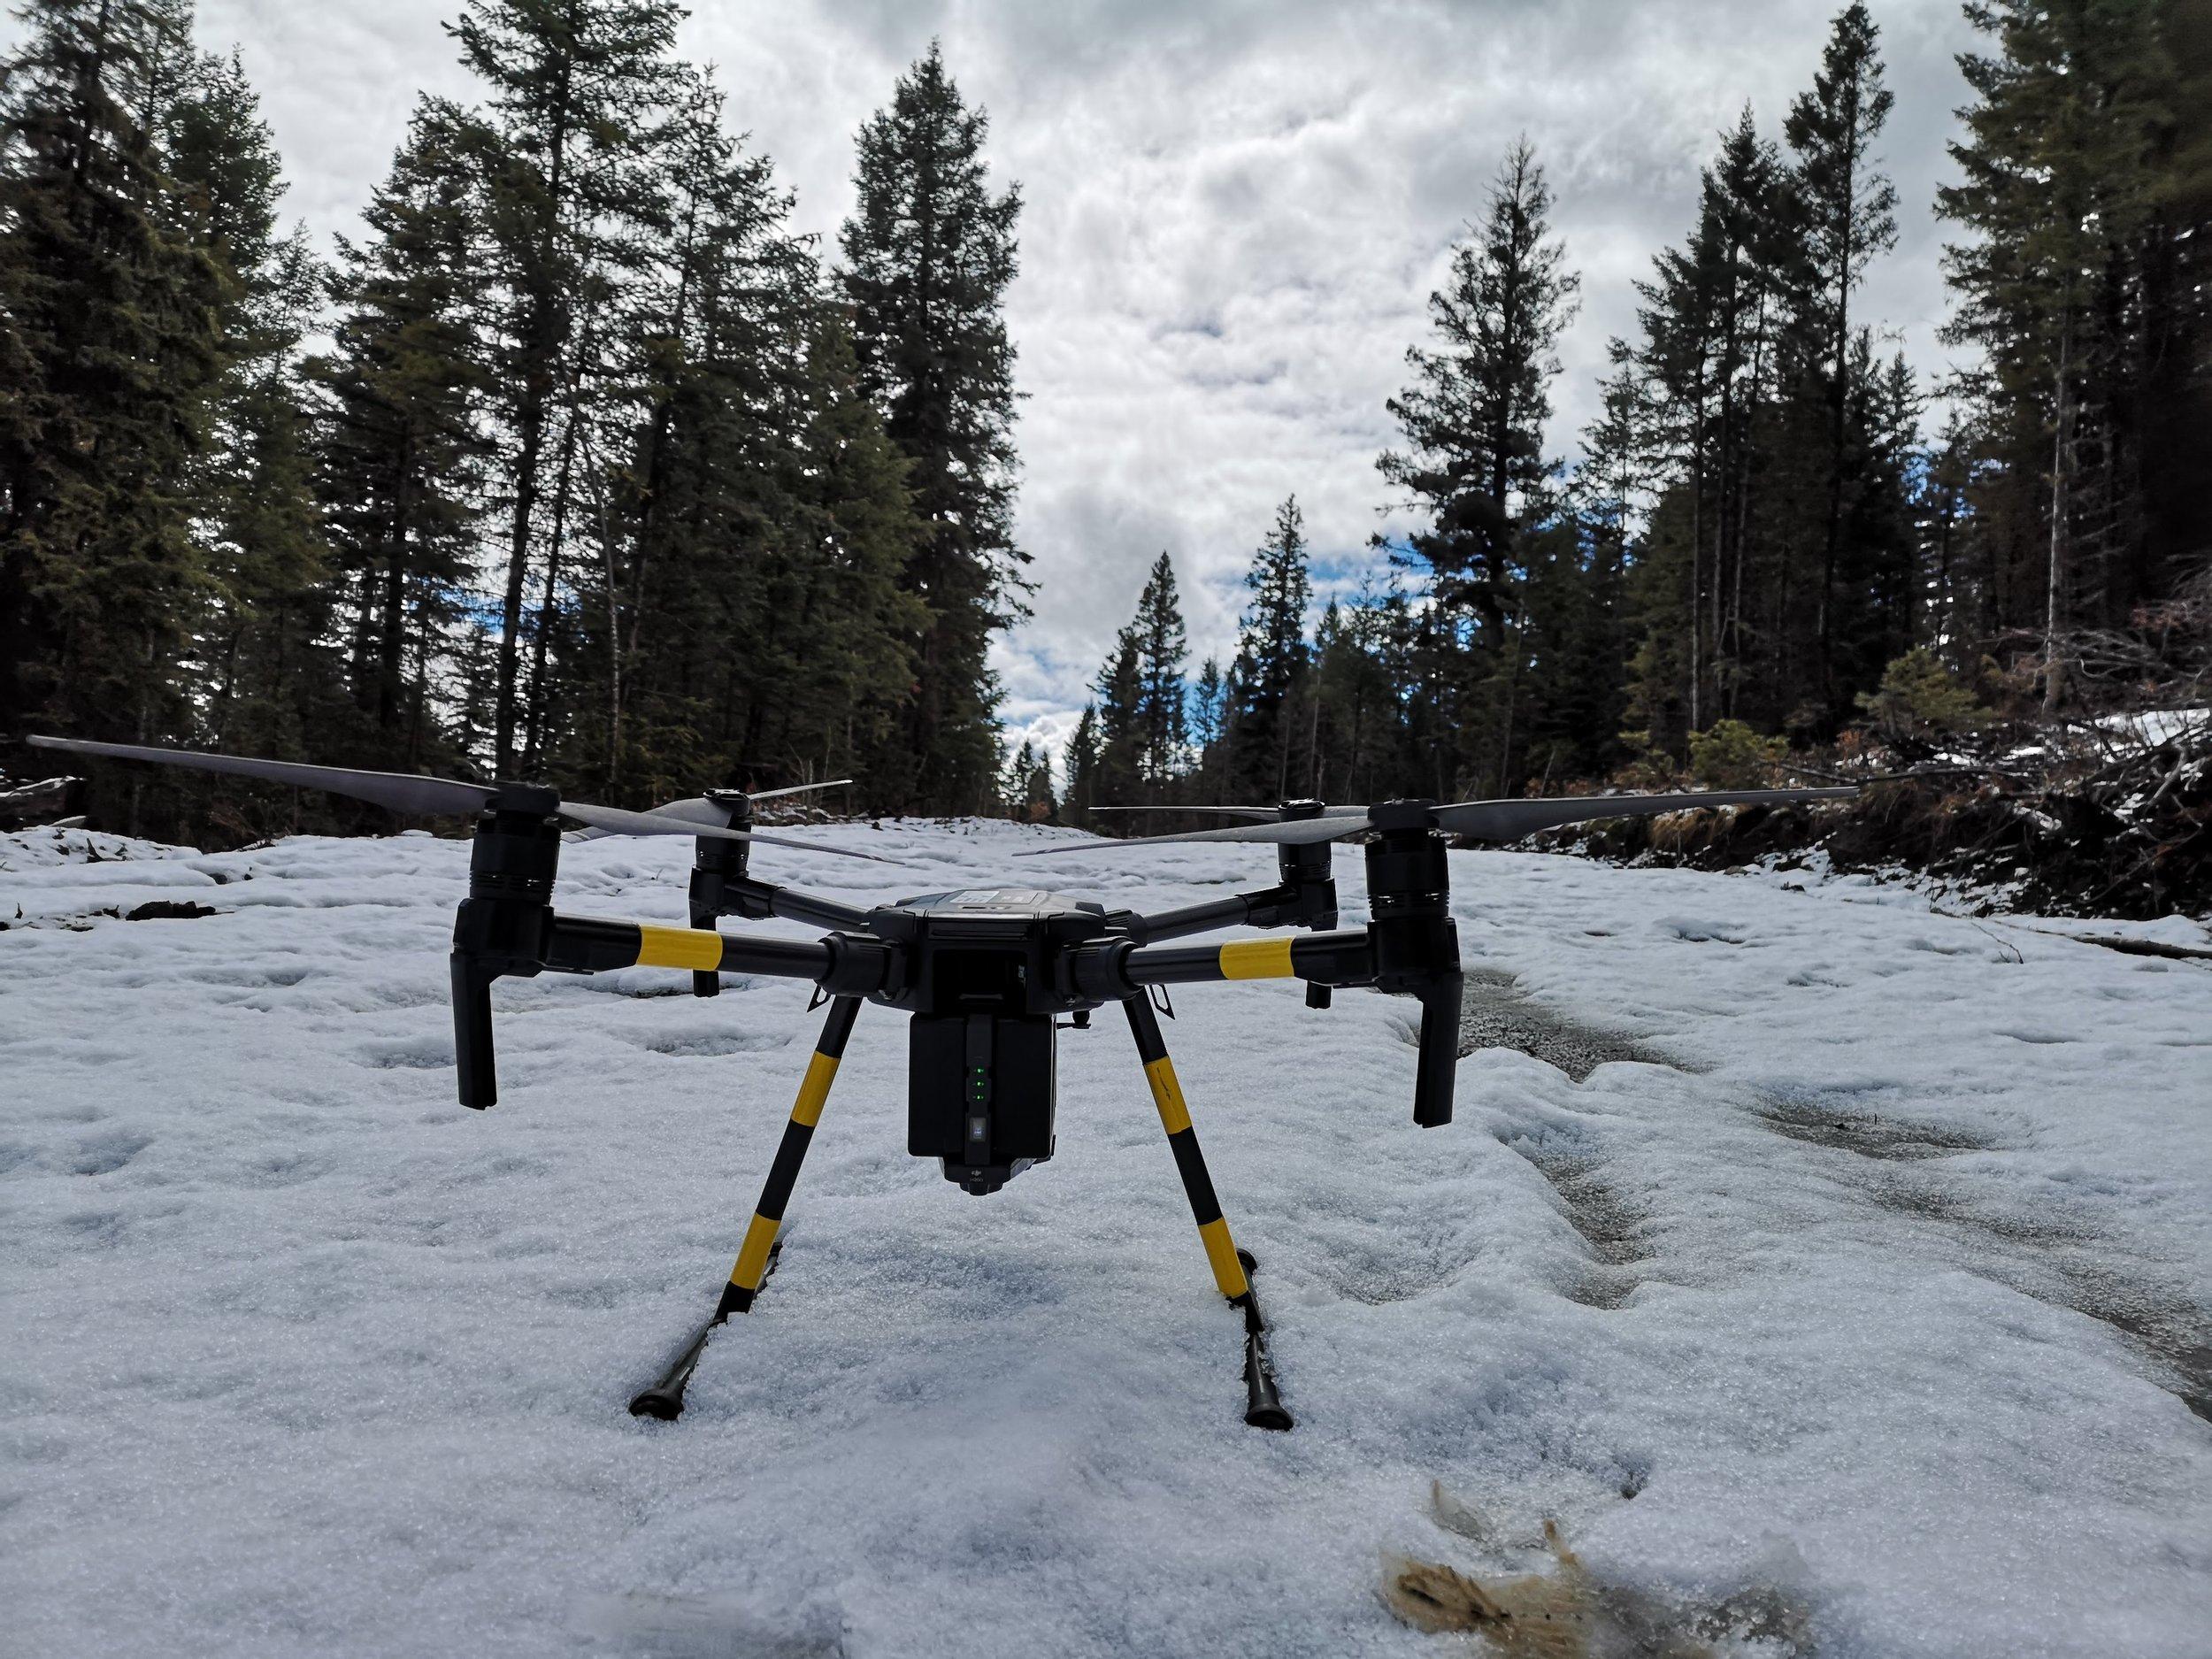 Hummingbird Drones 22.jpg